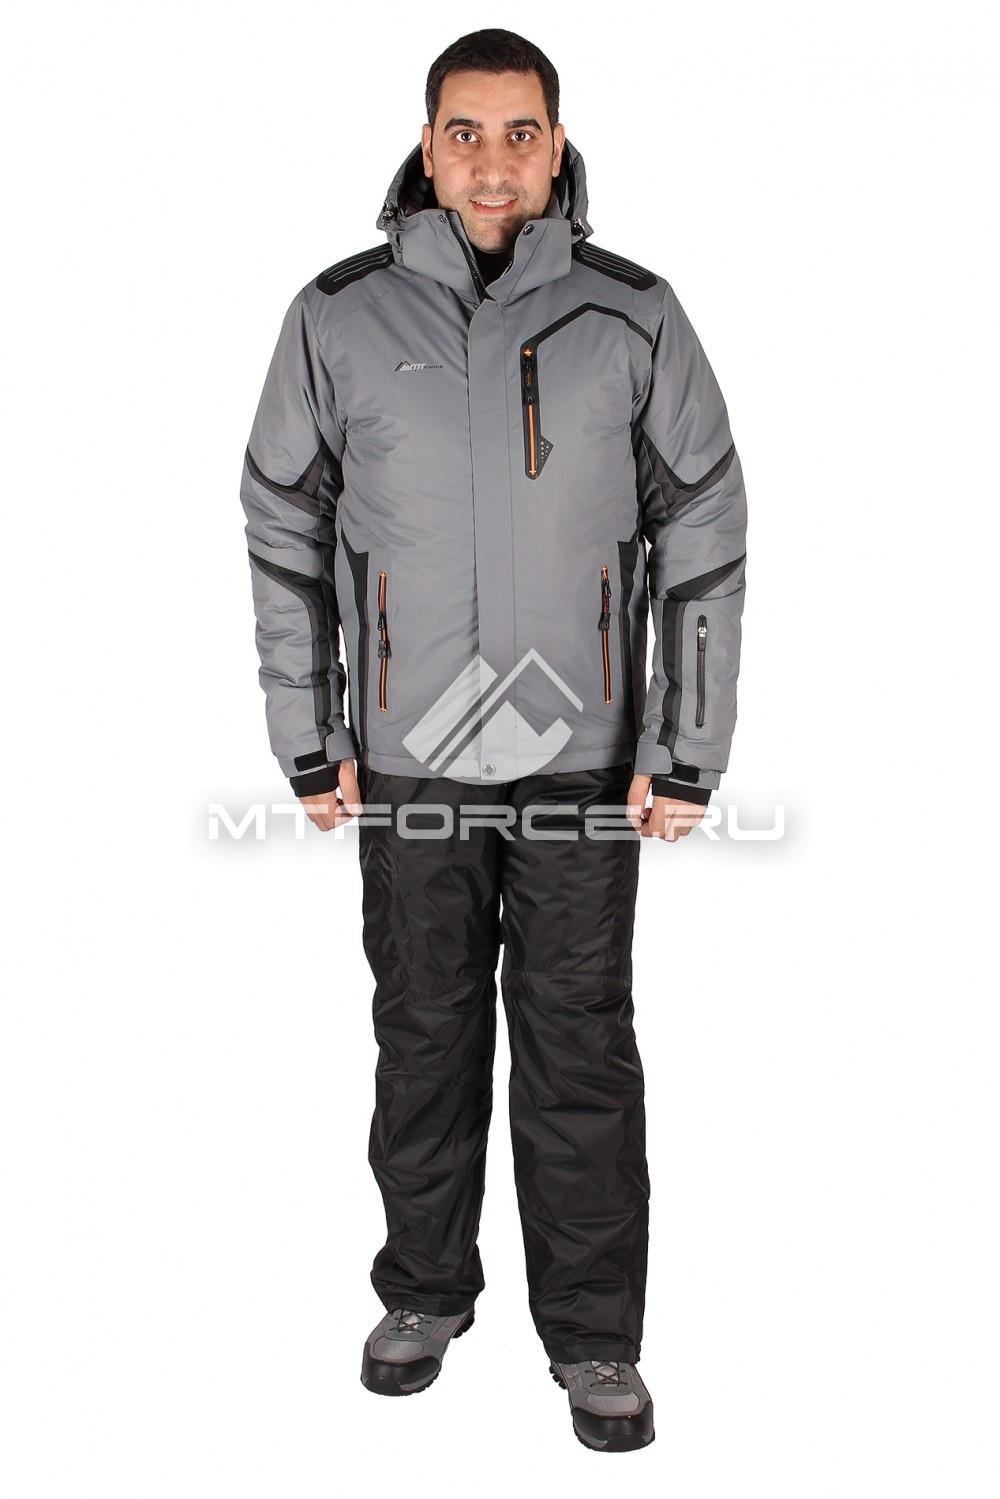 Купить                                  оптом Костюм горнолыжный мужской серого цвета 014121Sr